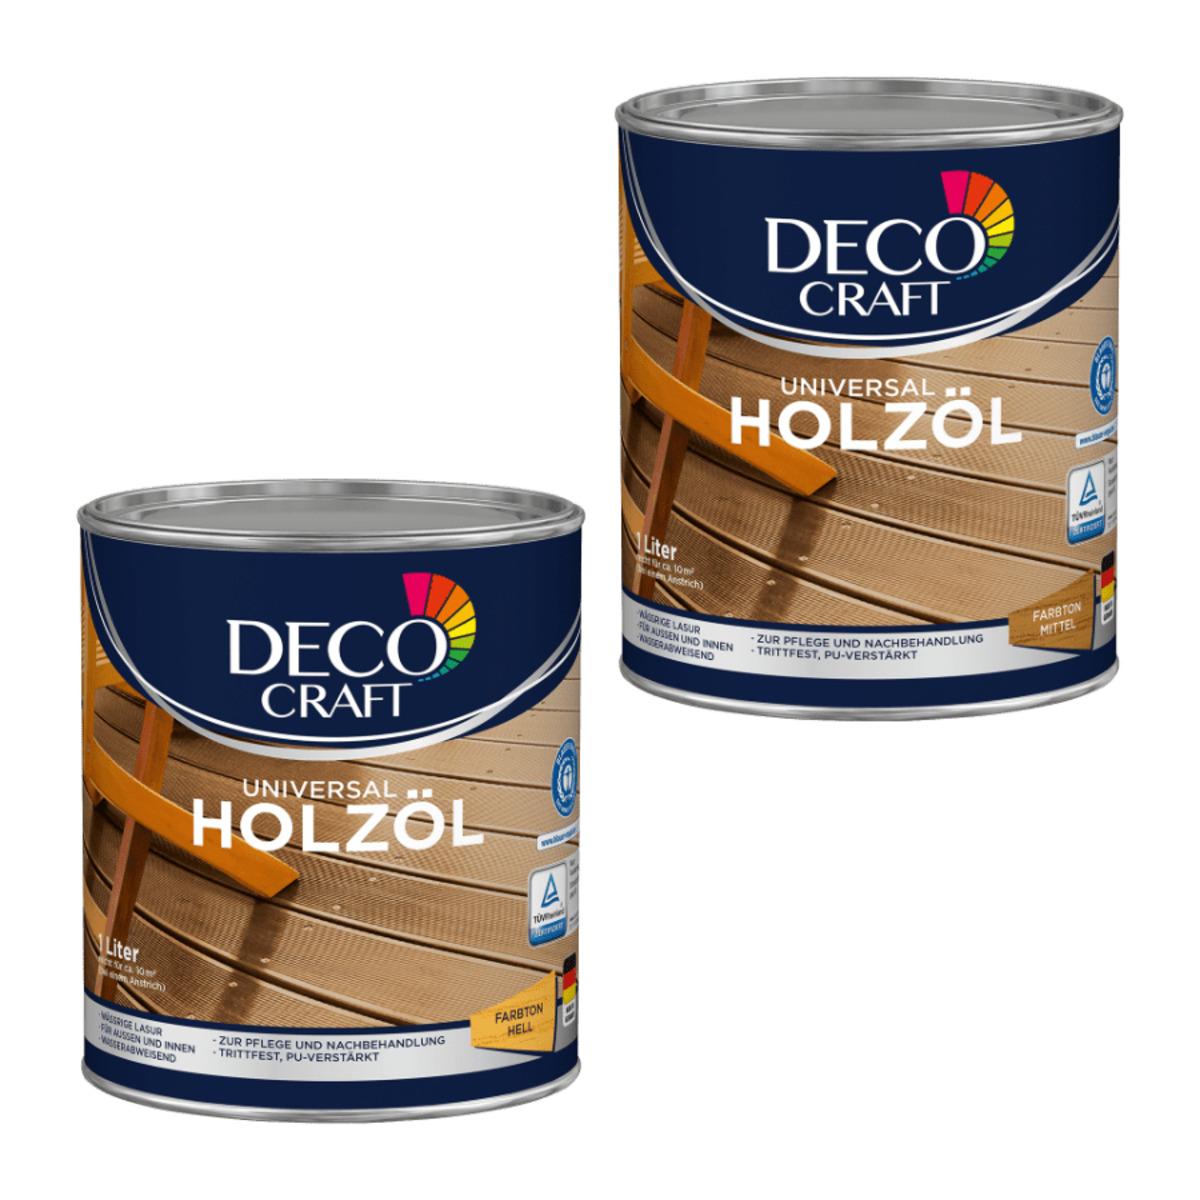 Bild 1 von DECO CRAFT     Universal Holzöl